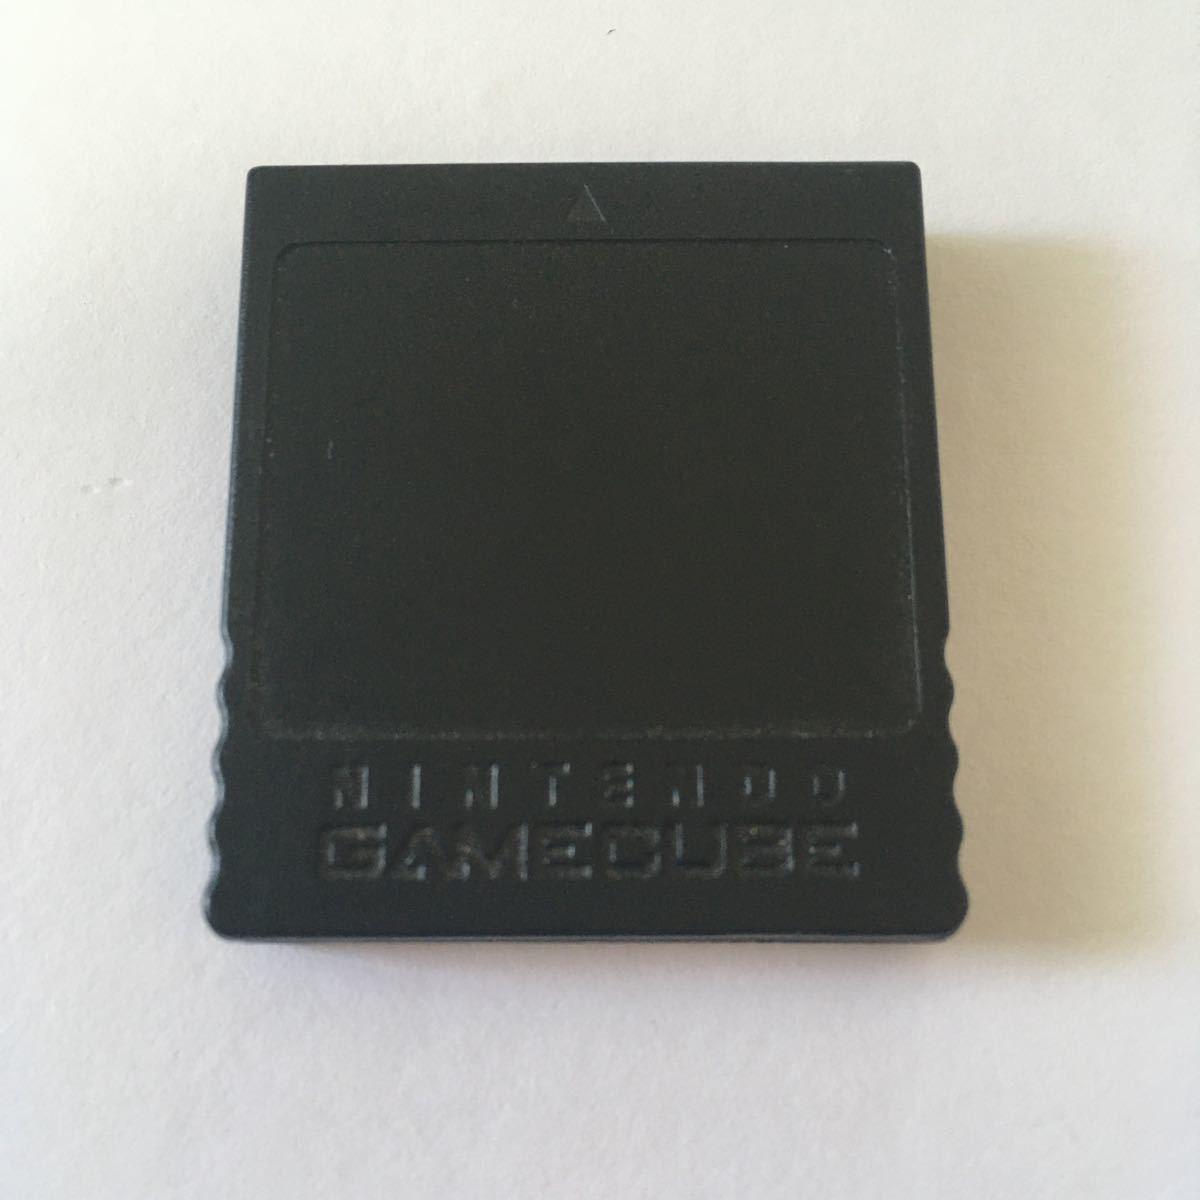 ゲームキューブ メモリーカード 251  動作確認済み ゲーム レトロ 周辺機器 任天堂 ニンテンドー